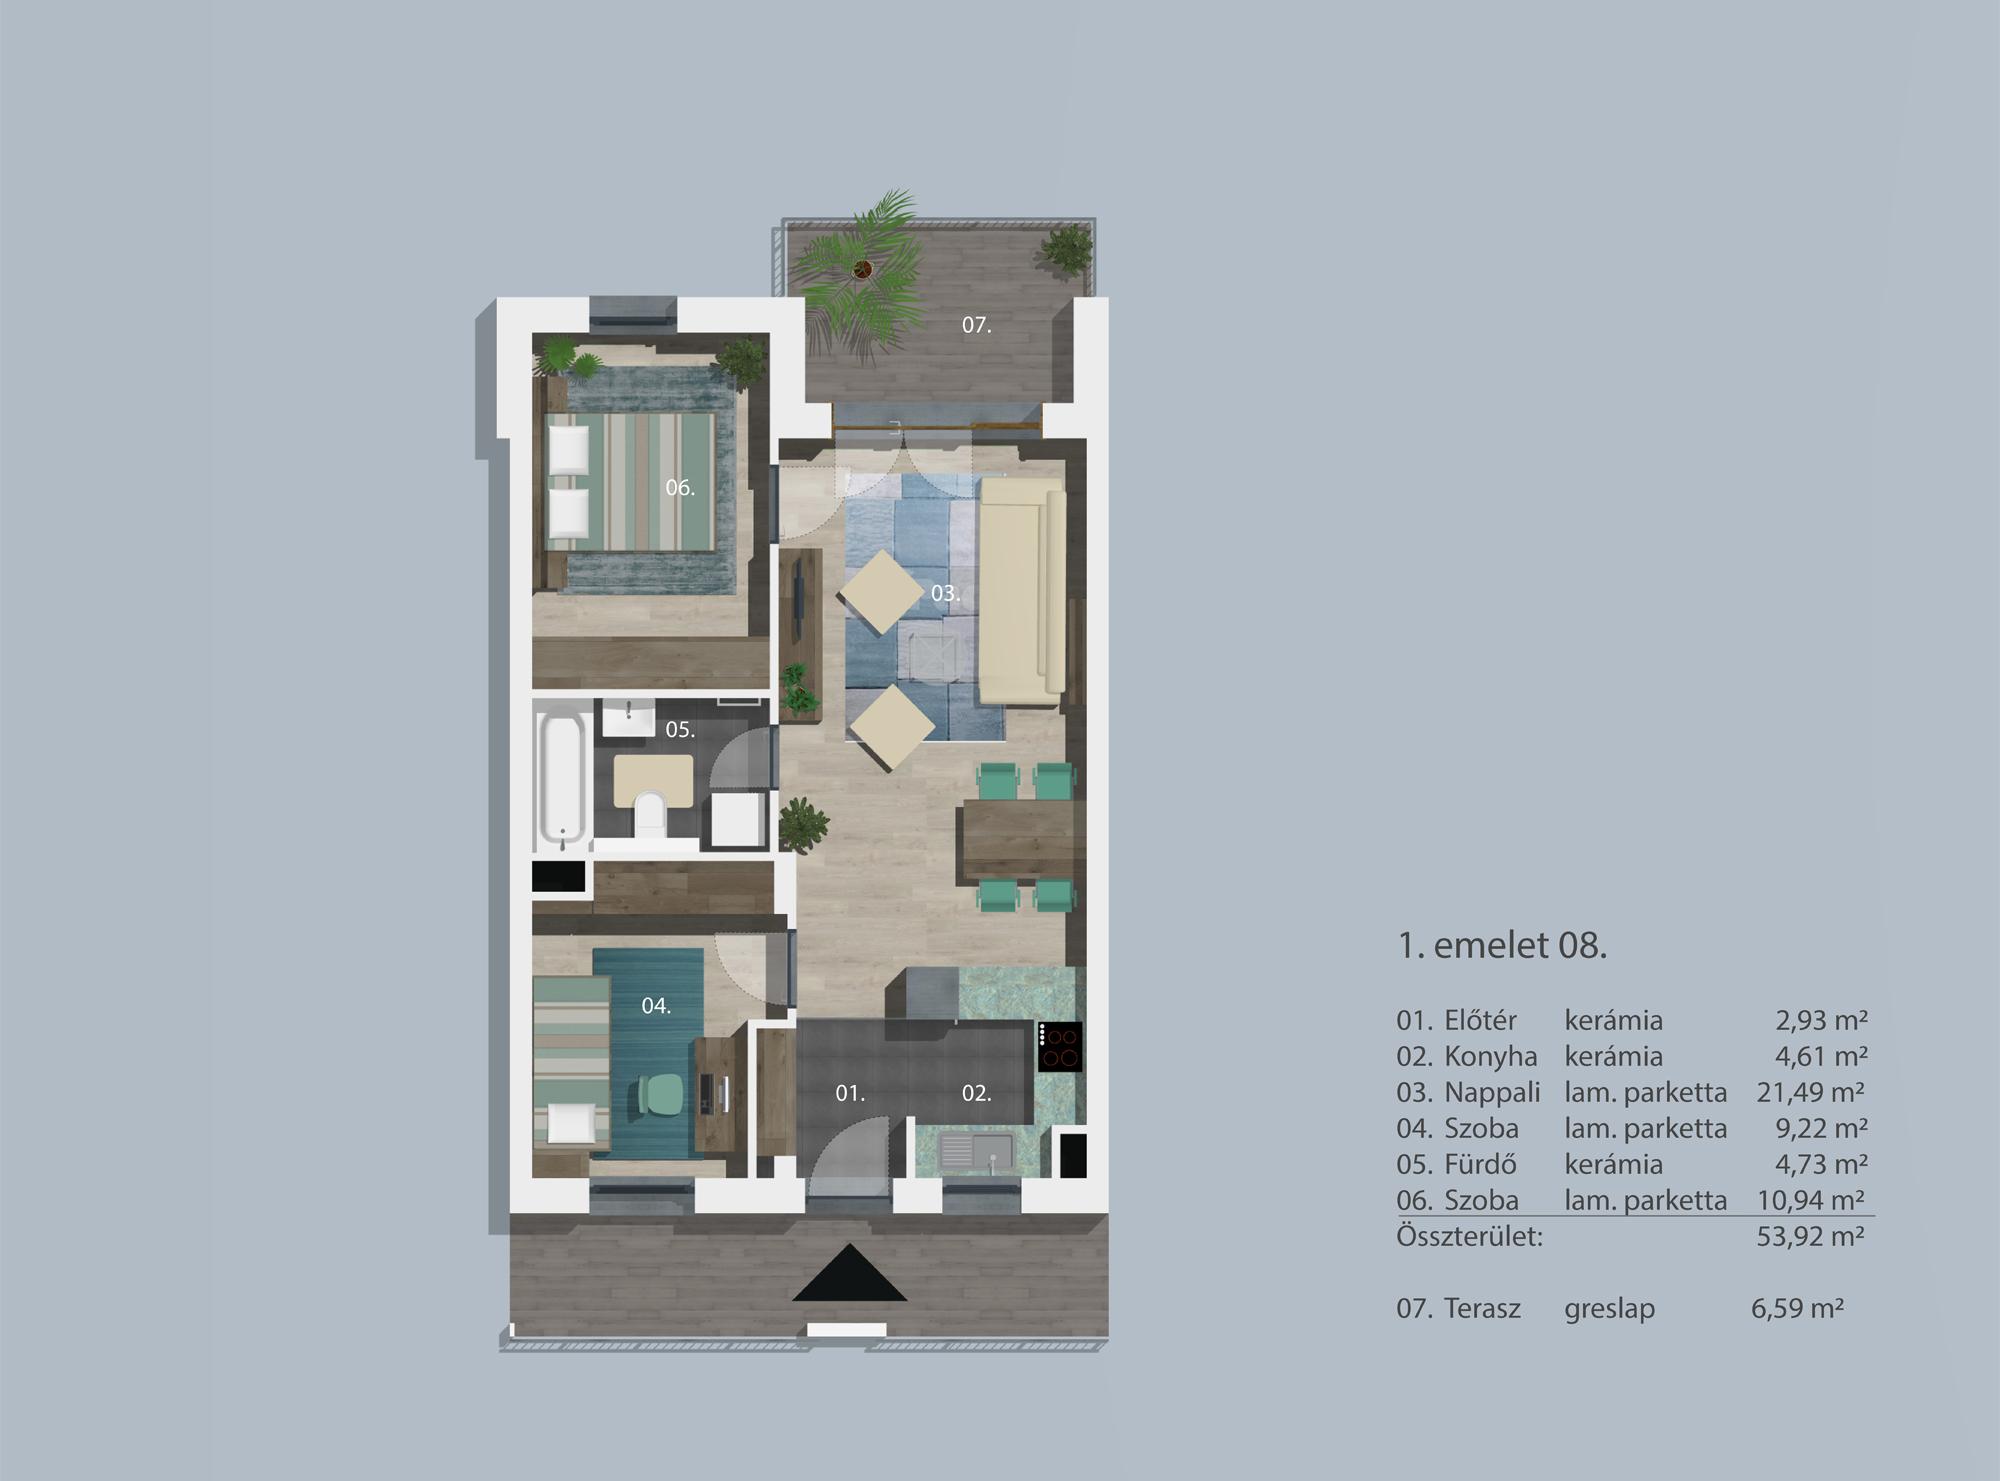 Kucsma 12 – I. emelet 8